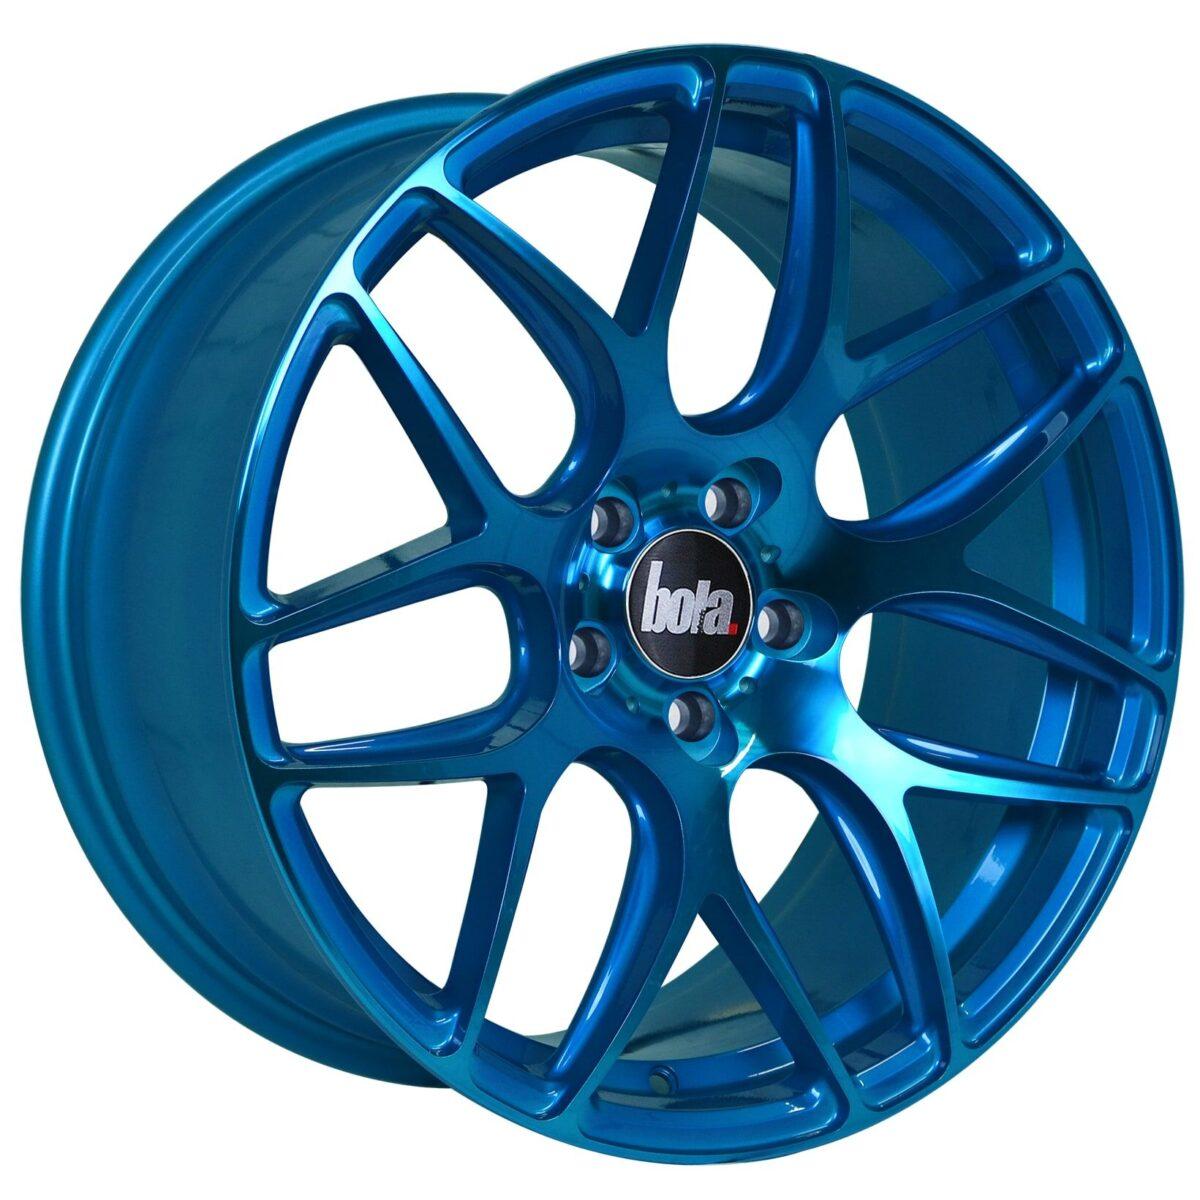 """18"""" BOLA B8R Wheels - Hyper Blue - VW / Audi / Mercedes - 5x112"""